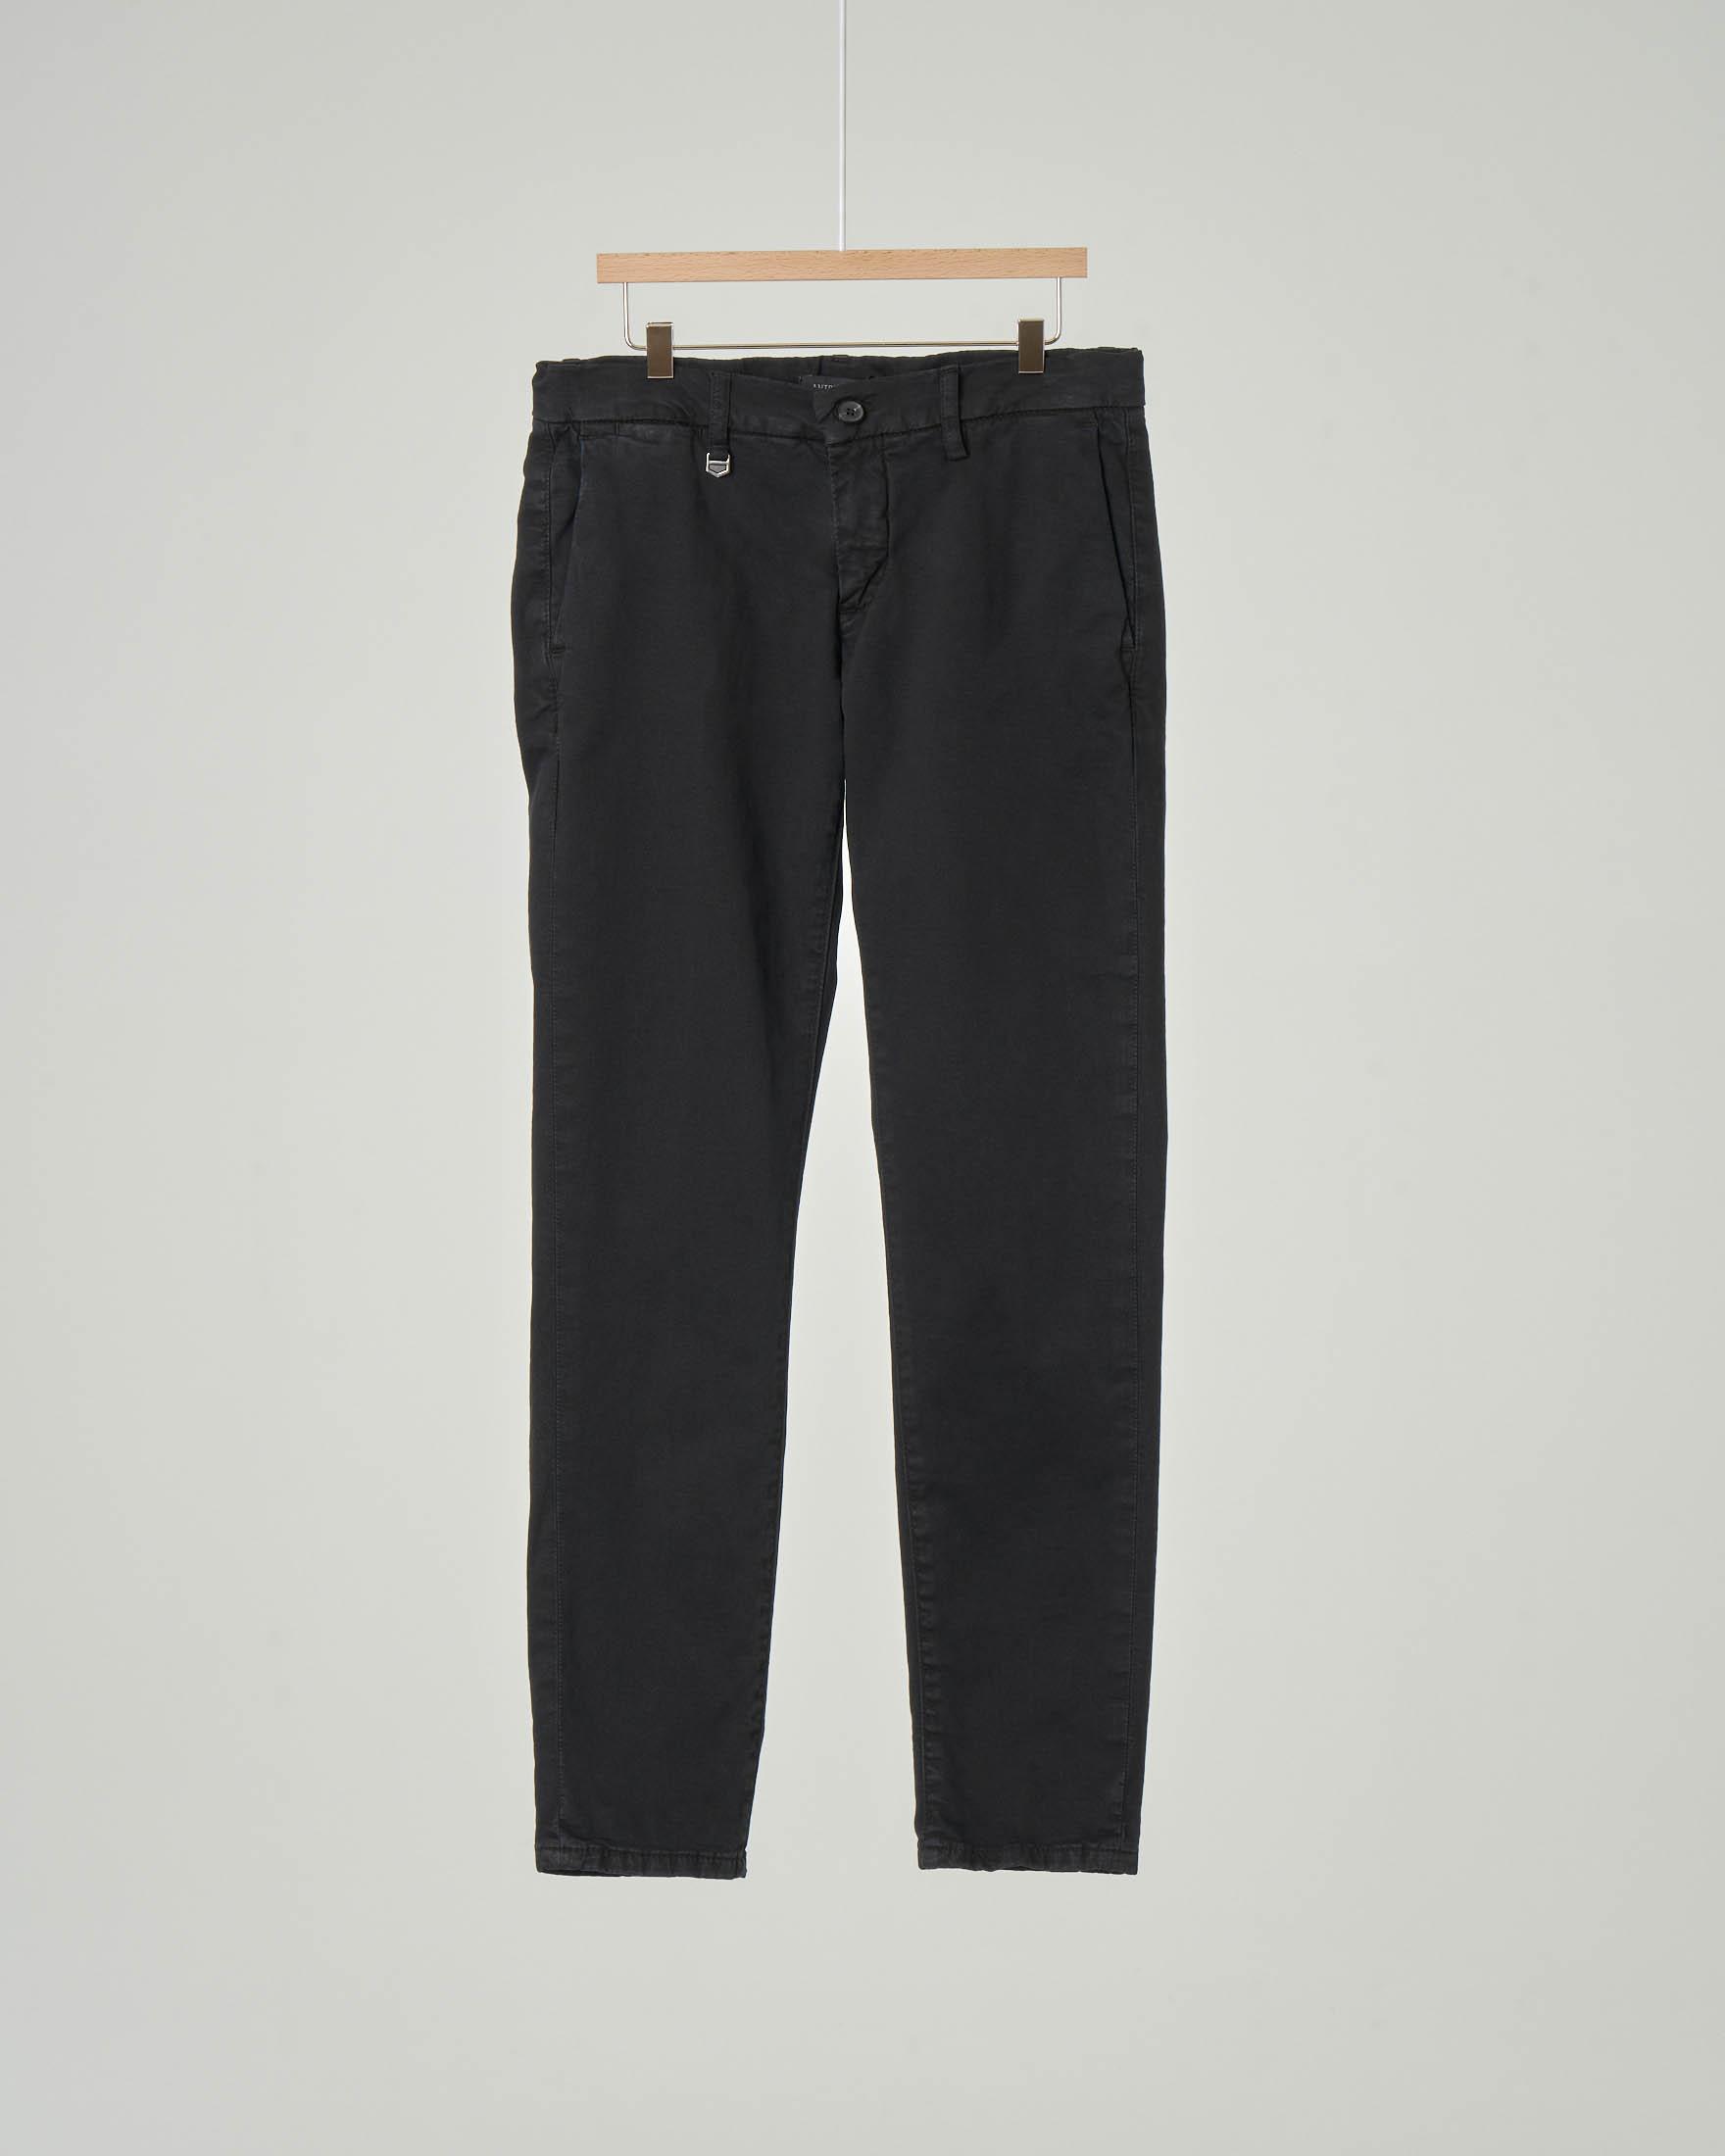 Pantalone chino nero in cotone stretch 10-16 anni